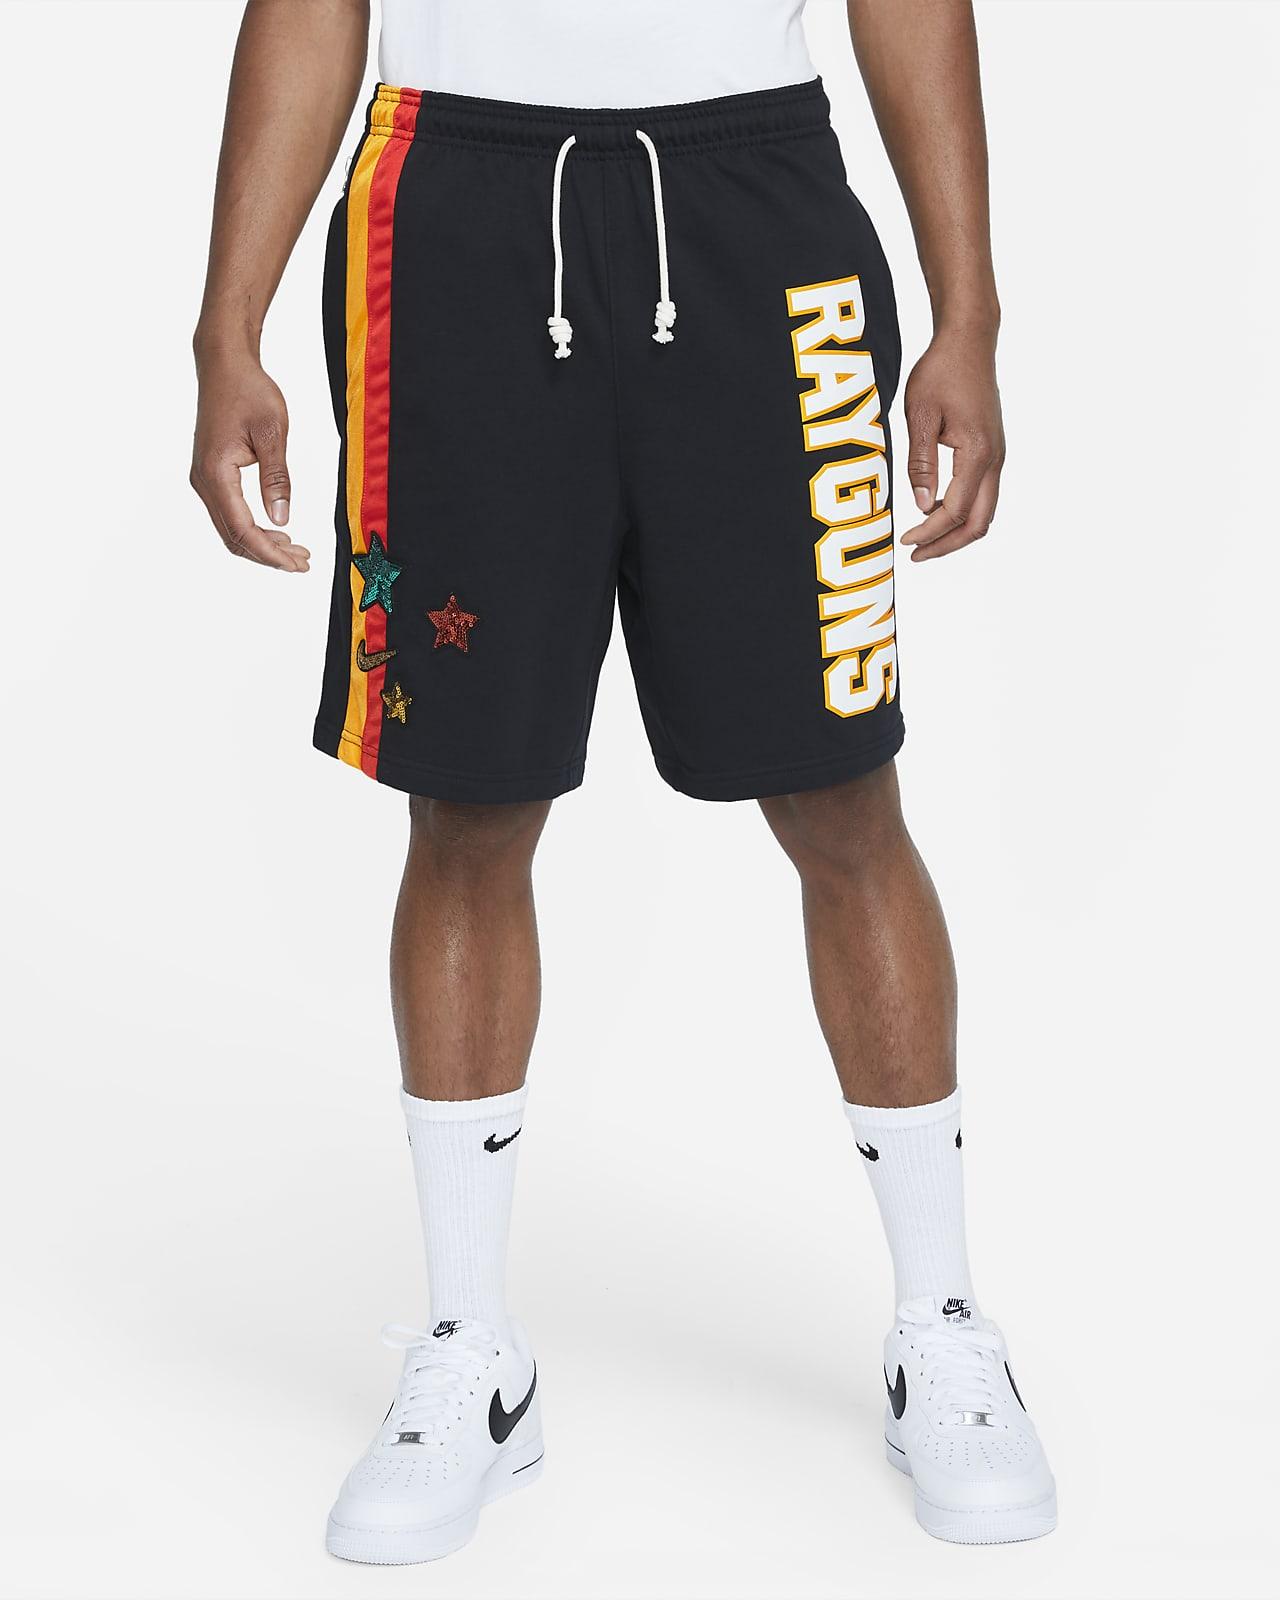 Shorts de básquetbol premium para hombre Nike Dri-FIT Rayguns